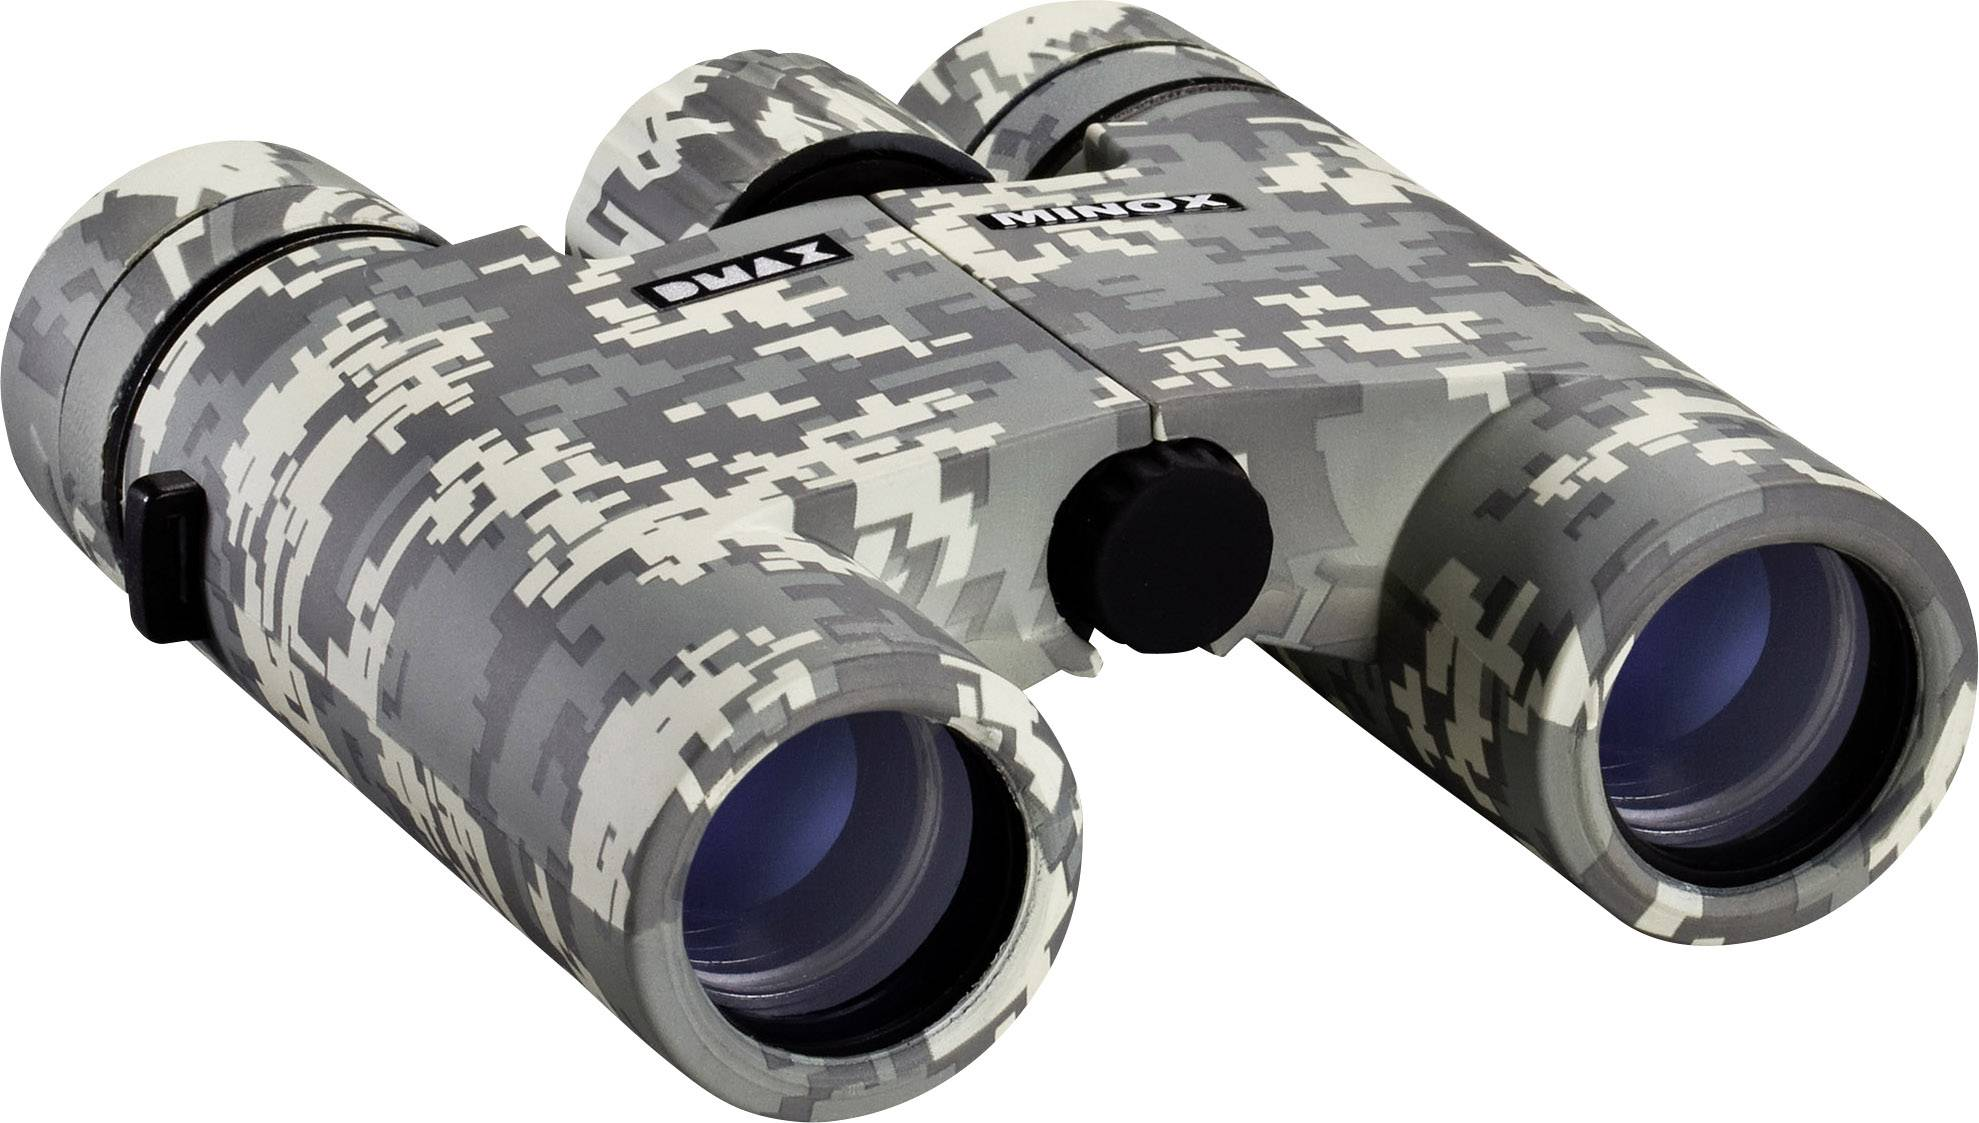 Fernglas minox pixel camo fach mm camouflage kaufen